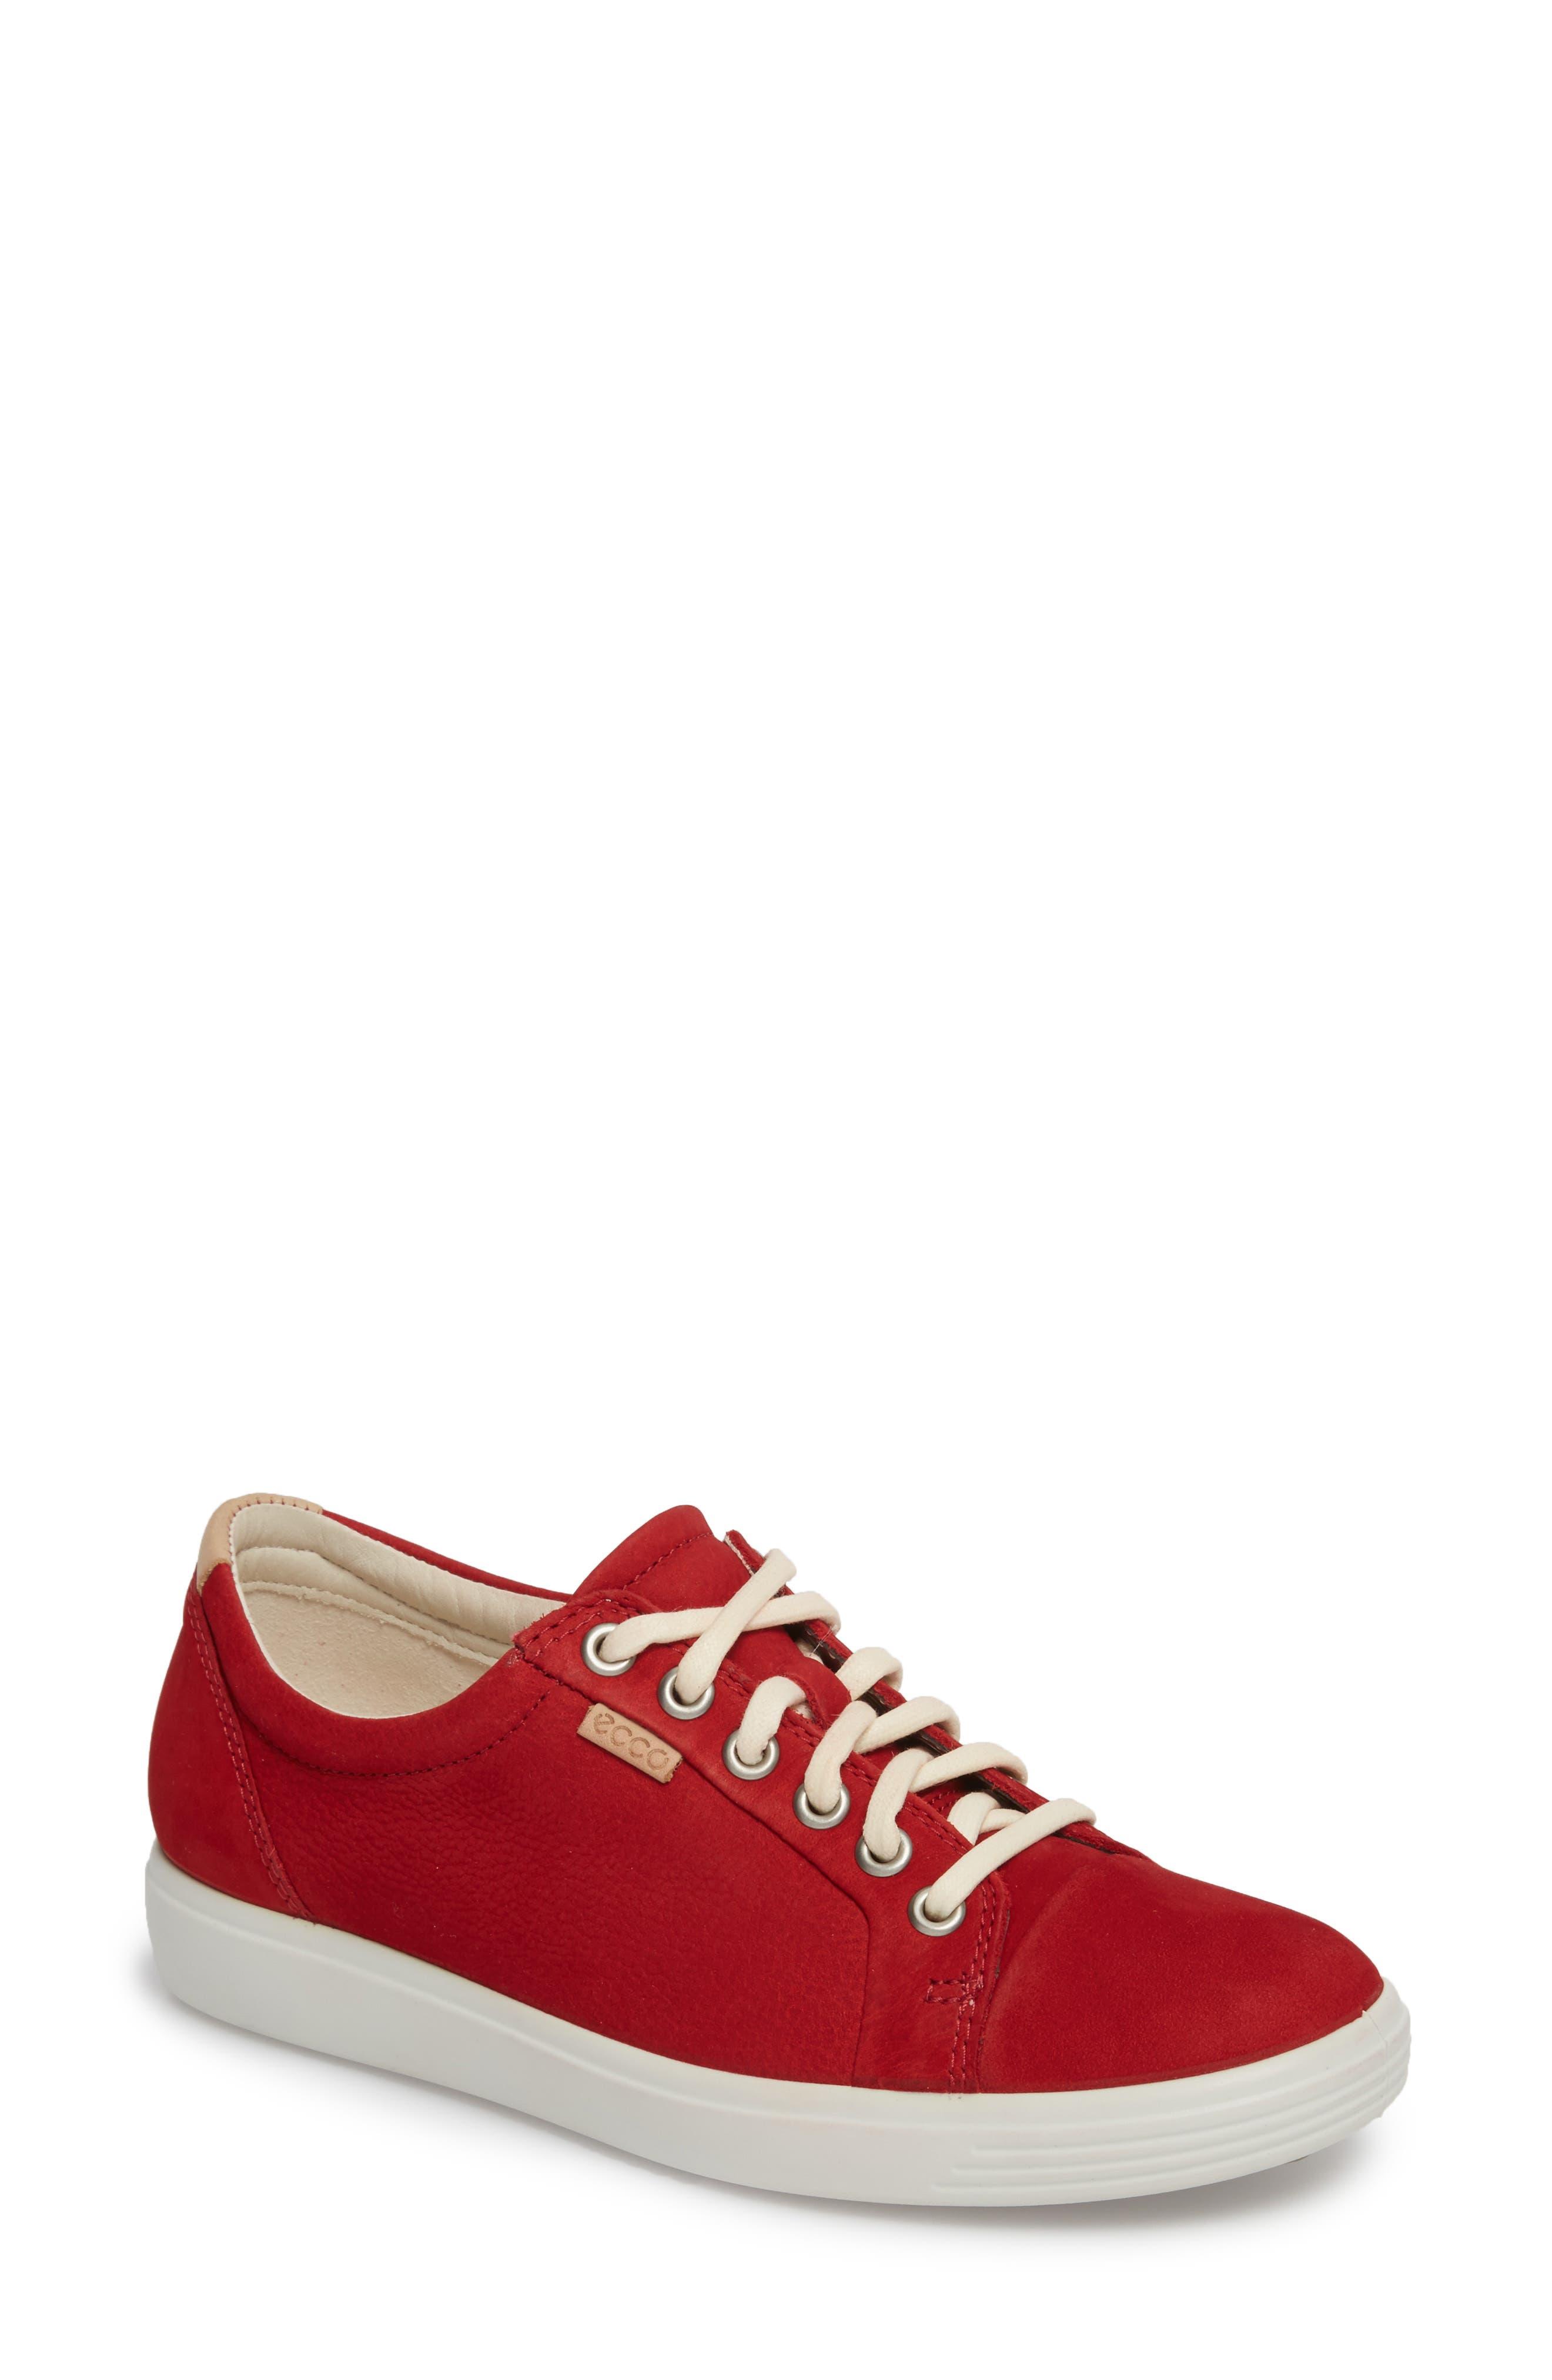 Alternate Image 1 Selected - ECCO 'Soft 7' Cap Toe Sneaker (Women)